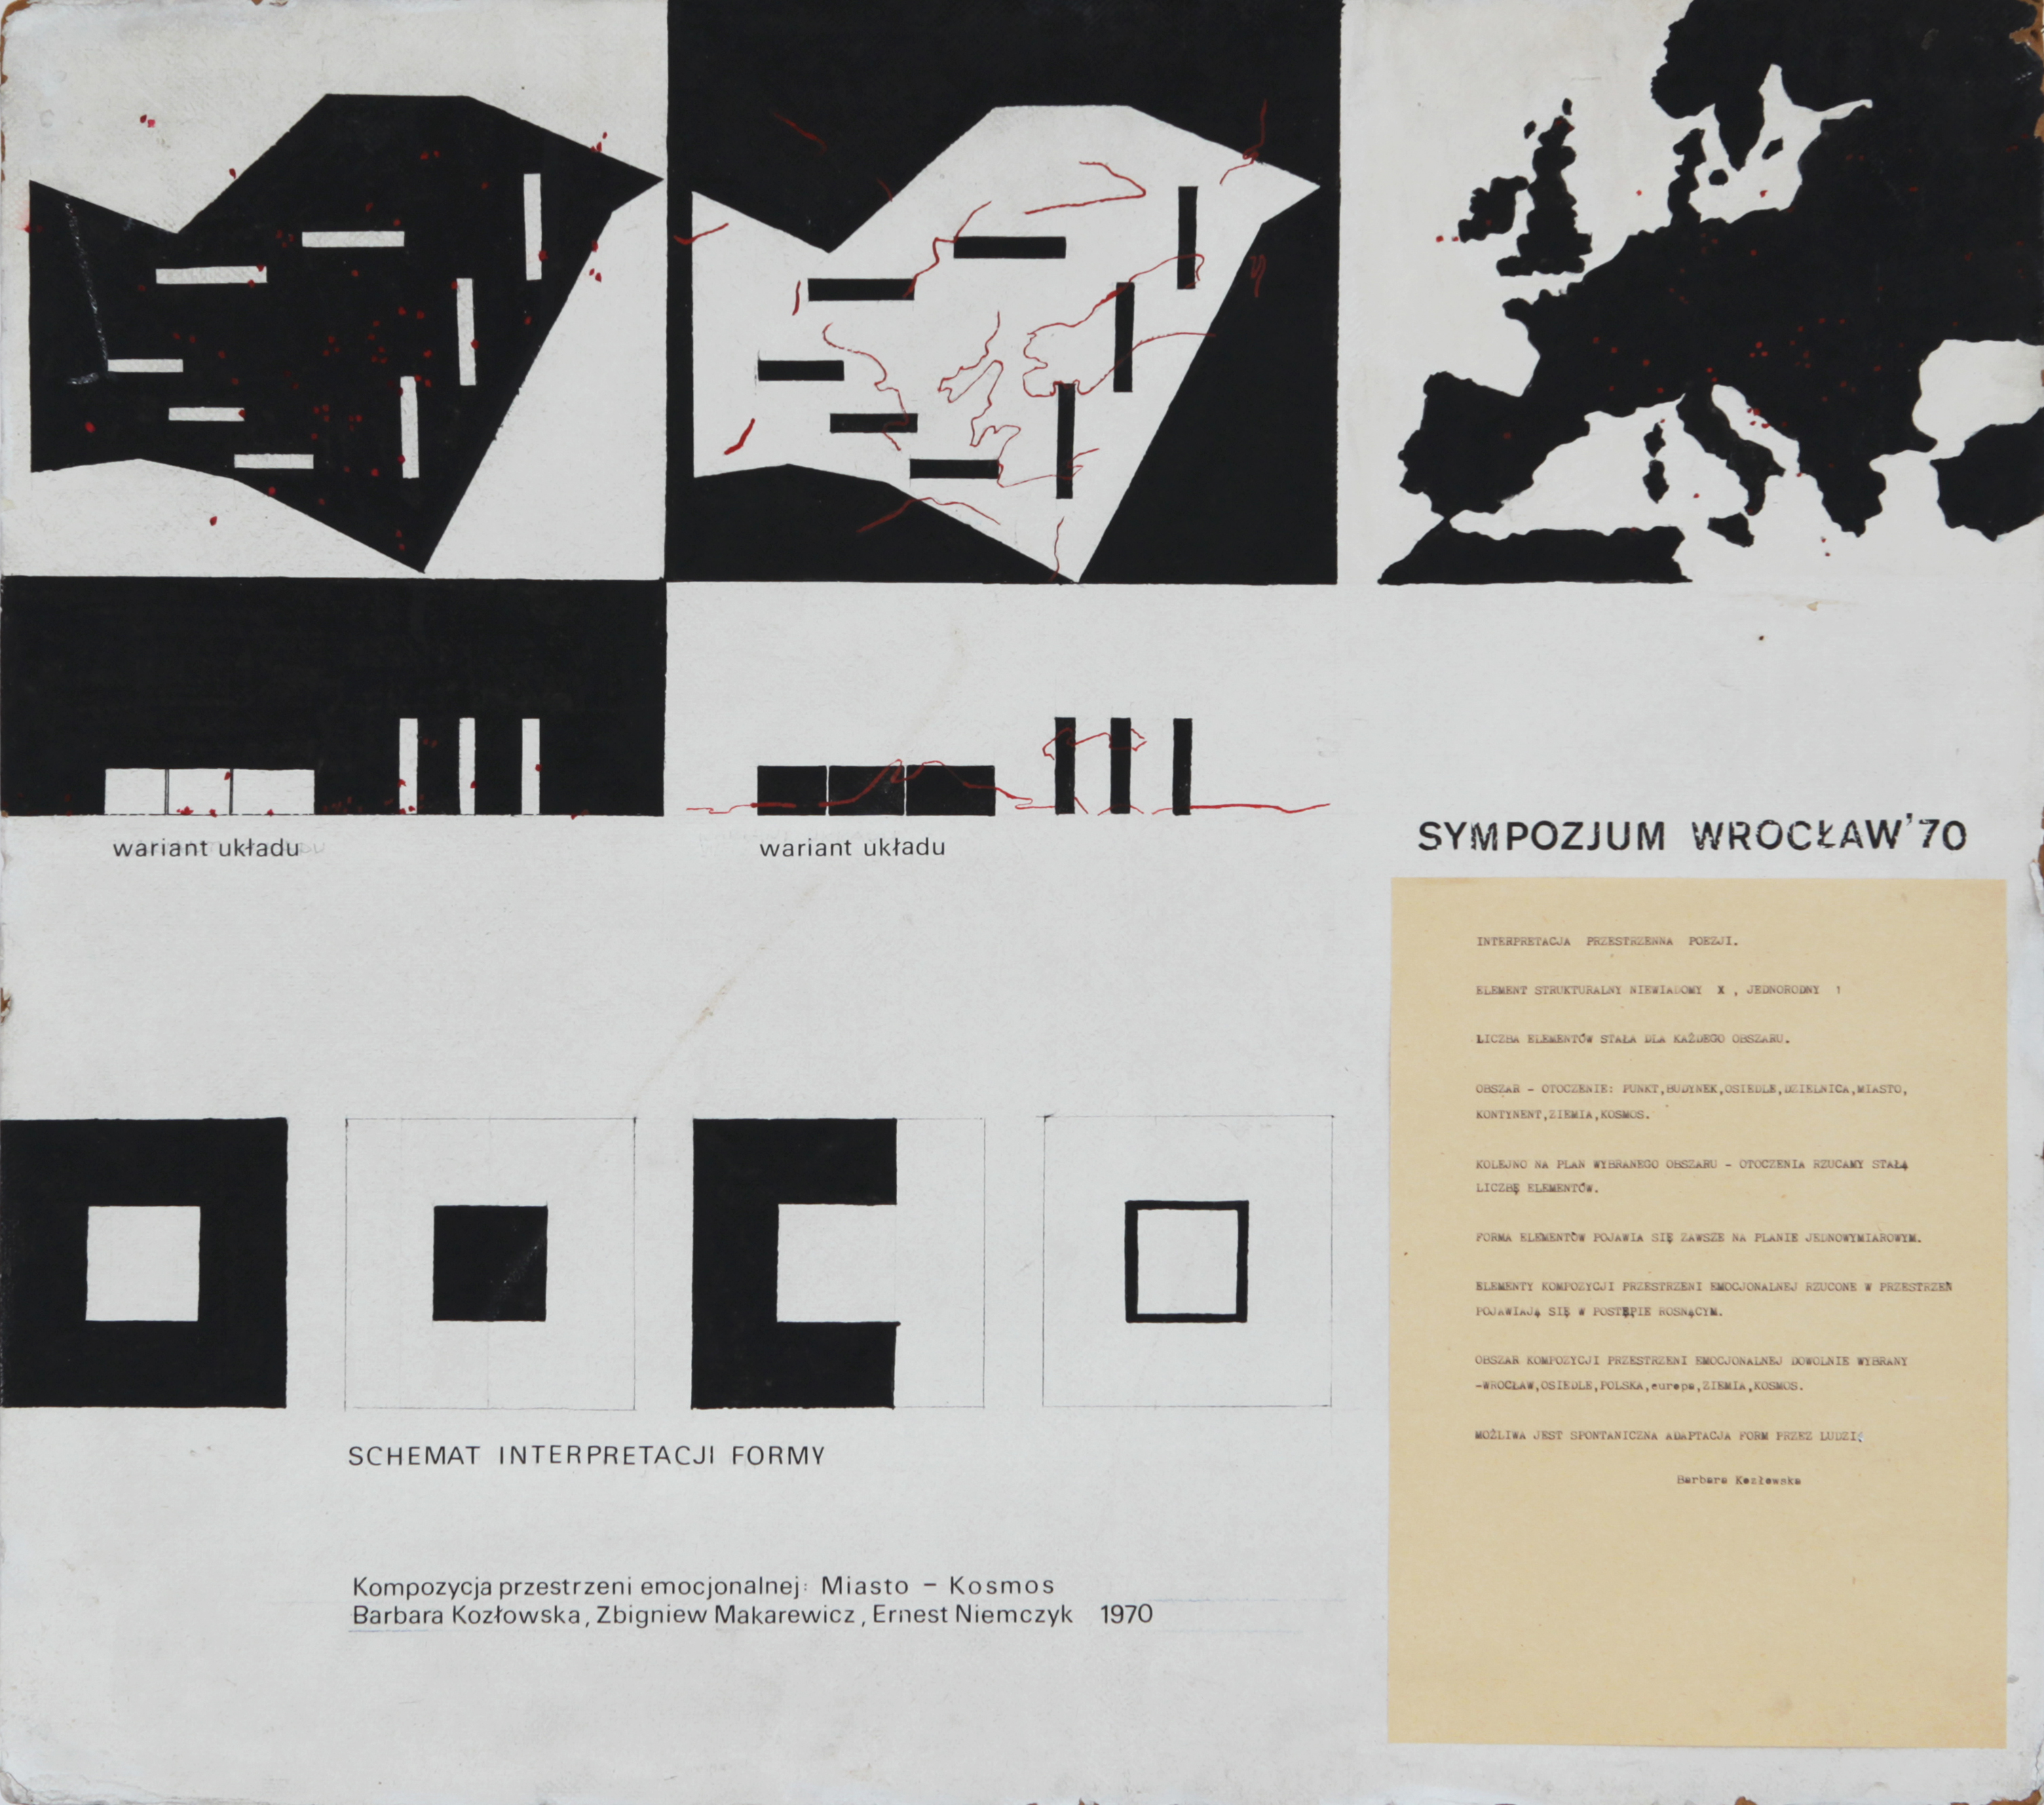 Barbara Kozłowska, Zbigniew Makarewicz, Ernest Niemczyk, Miasto-Kosmos, projekt, Sympozjum Plastyczne Wrocław 70, 1970